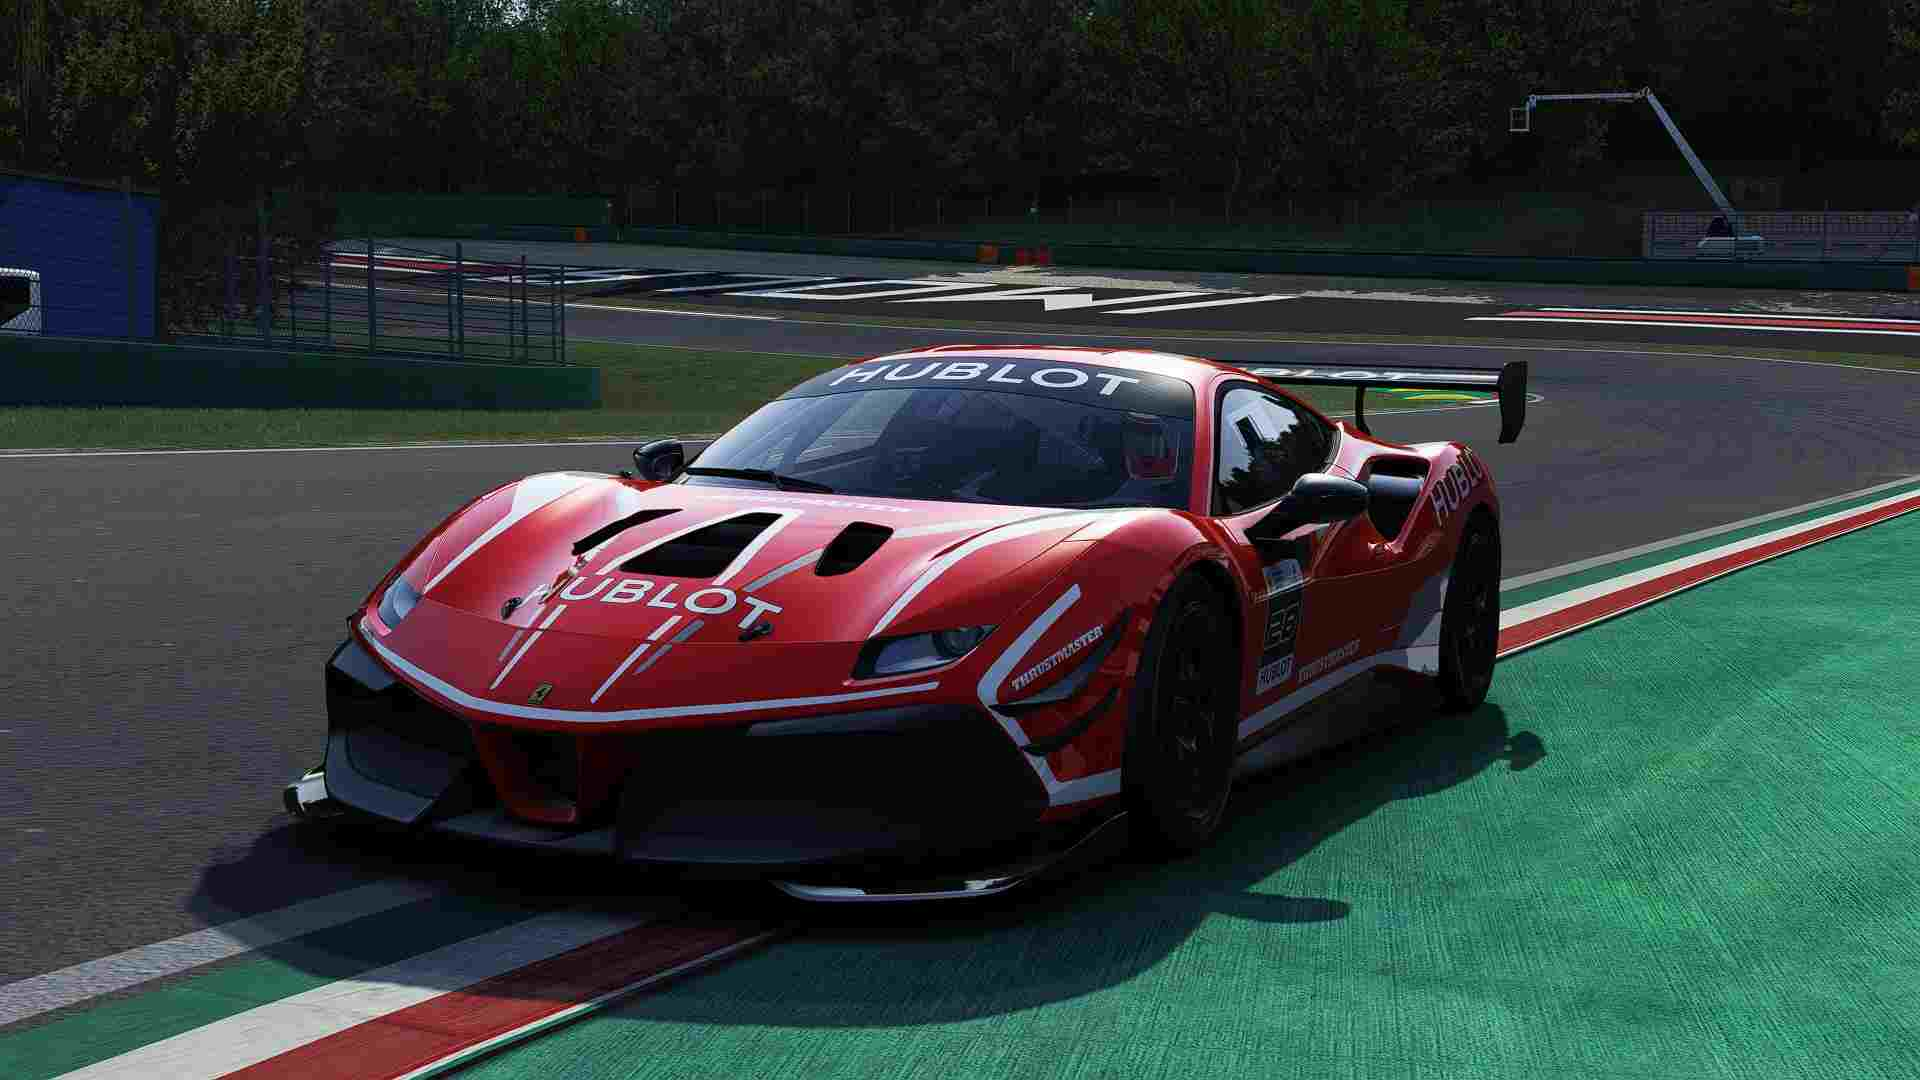 Ferrari launches simulation racing